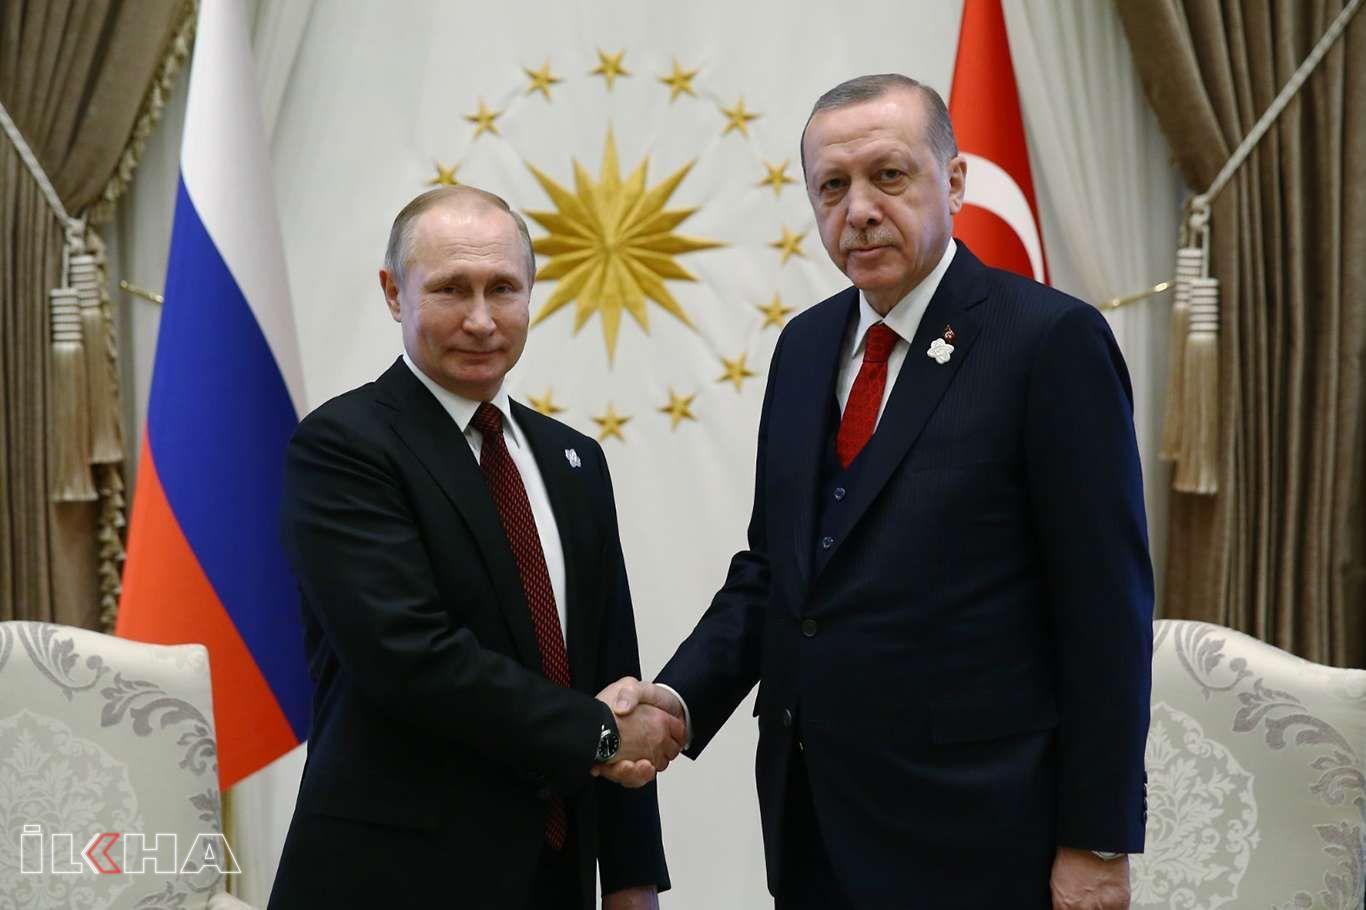 Cumhurbaşkanı Erdoğan Putin görüştü